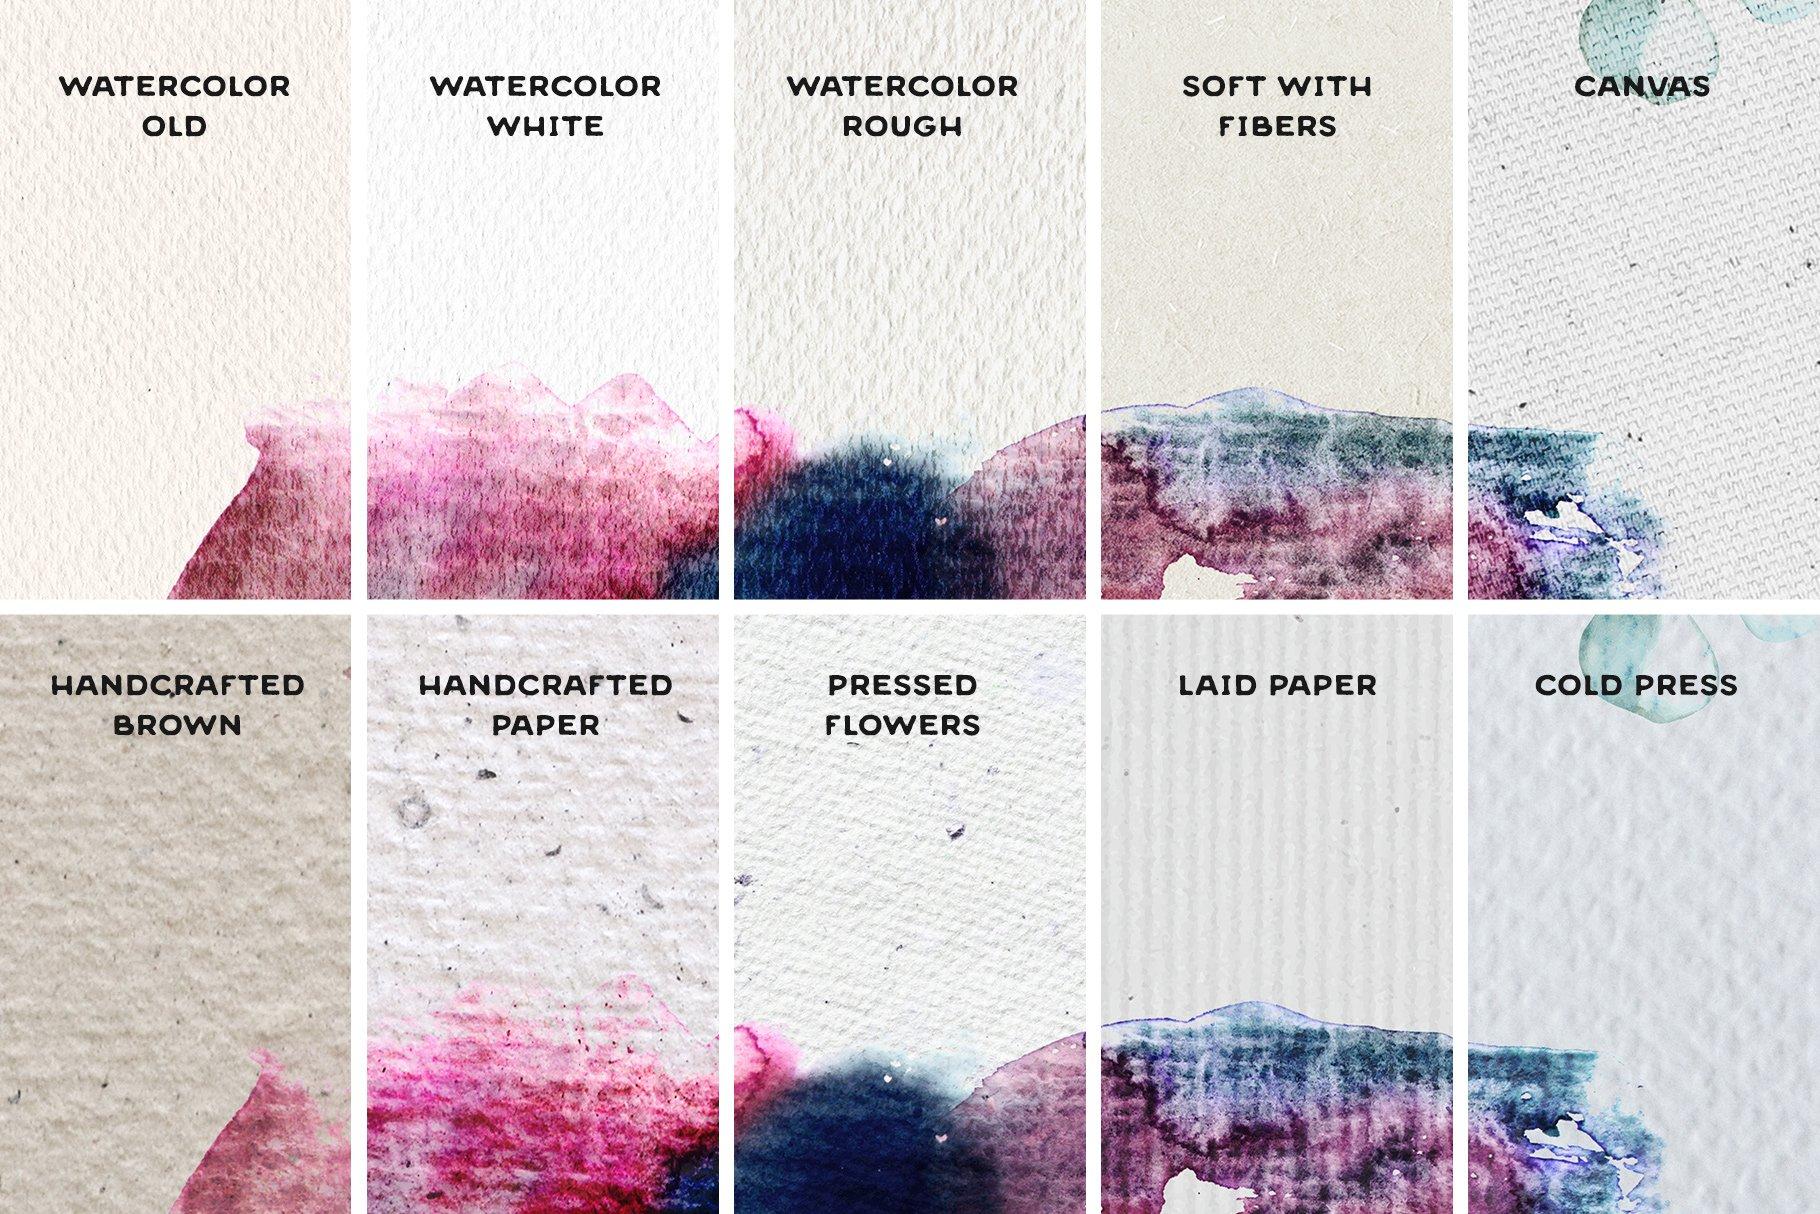 [单独购买] 17款逼真绘画画布背景Procreate纸纹理设计素材 Procreate Paper Texture Canvases插图6